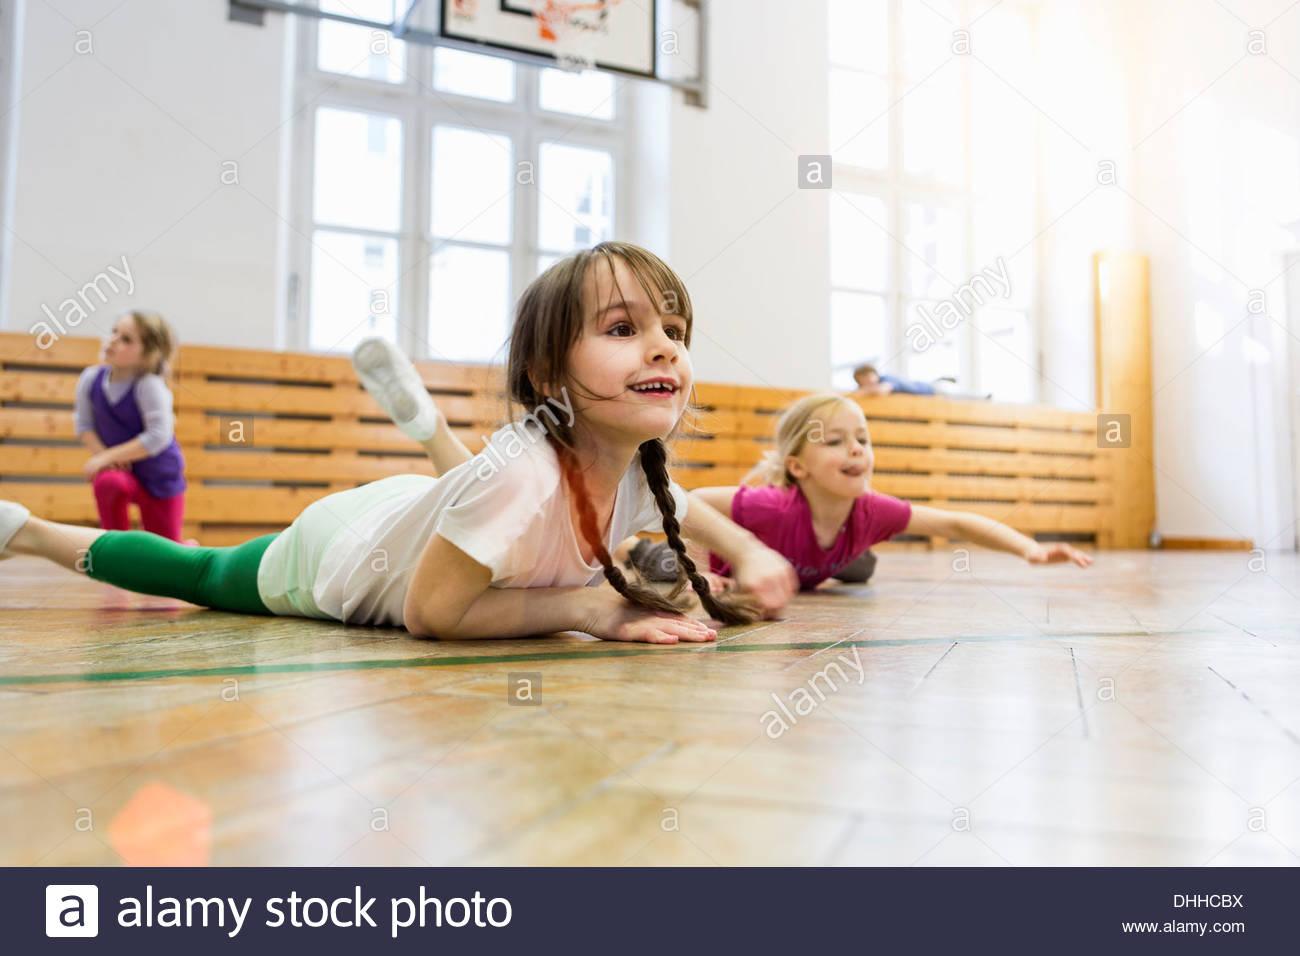 Le ragazze che giace sulla parte anteriore in educazione fisica classe, stretching Immagini Stock